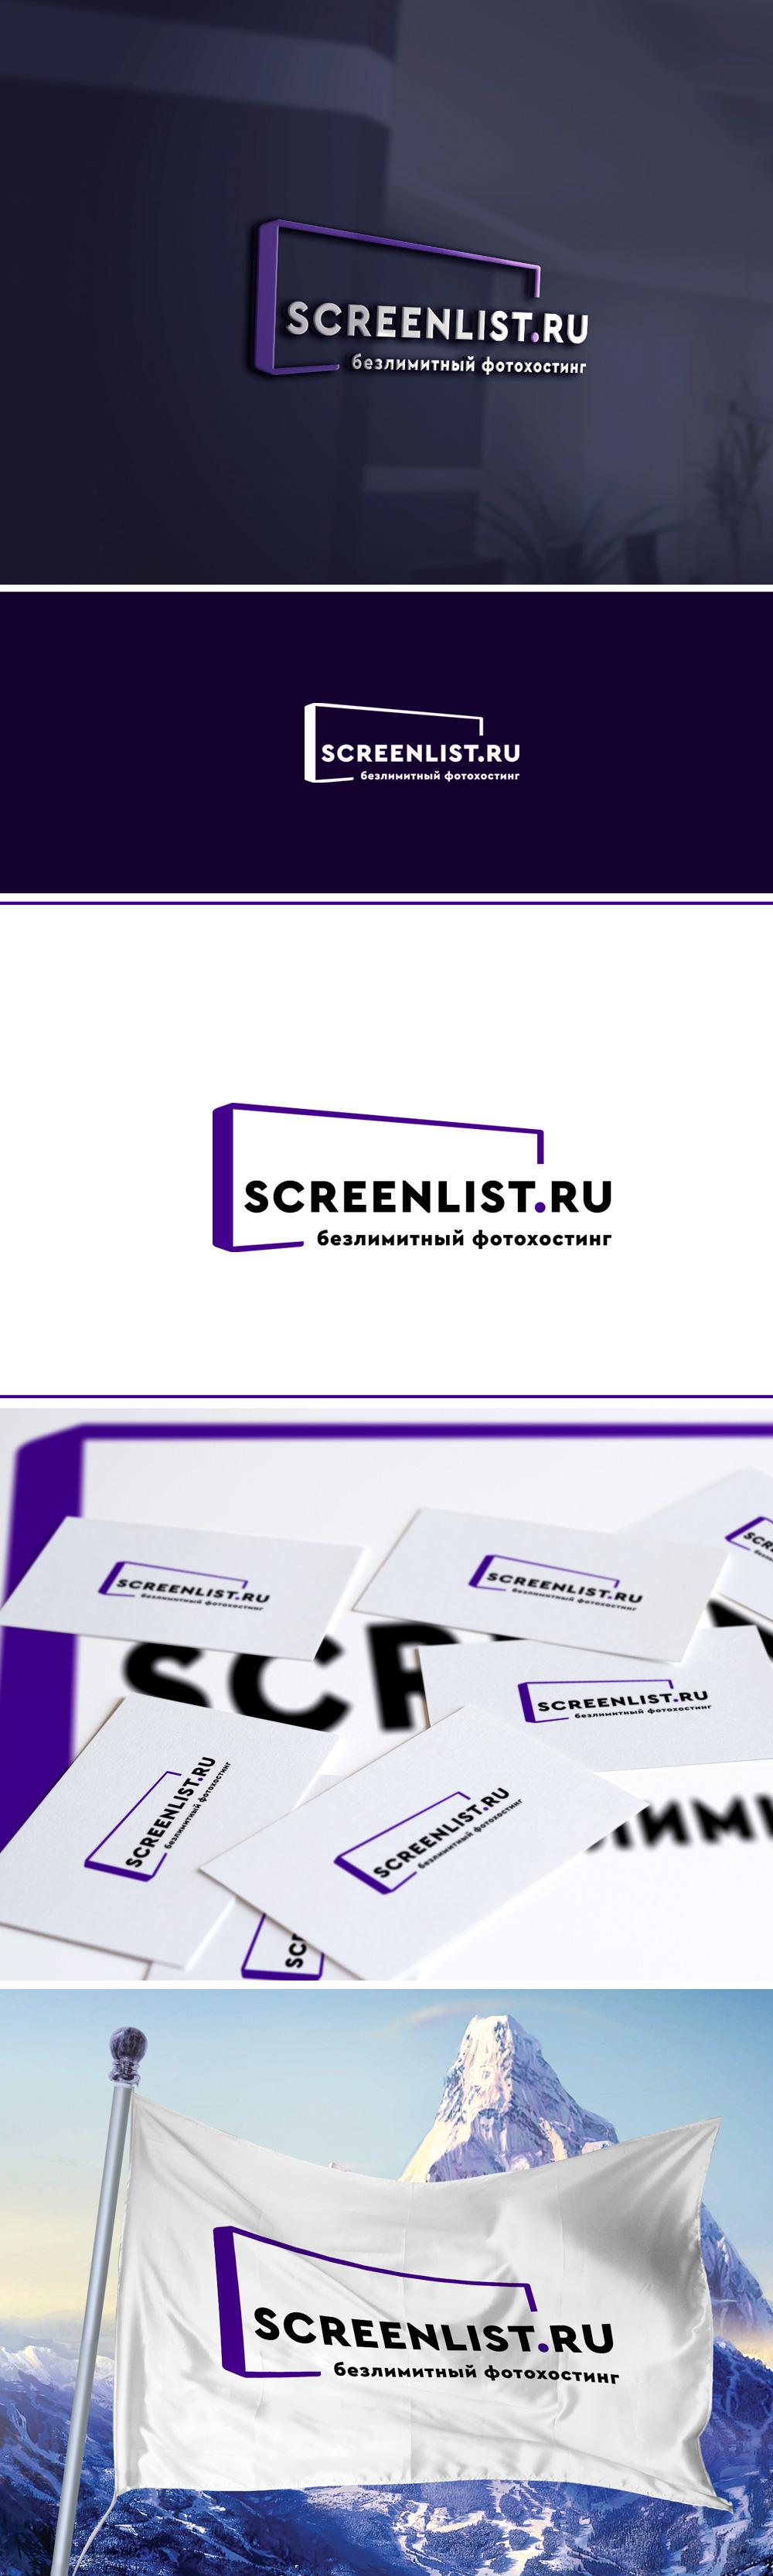 Безлимитный фотохостинг ScreenList.ru требует новый дизайн фото f_55059c38ee4a8390.jpg